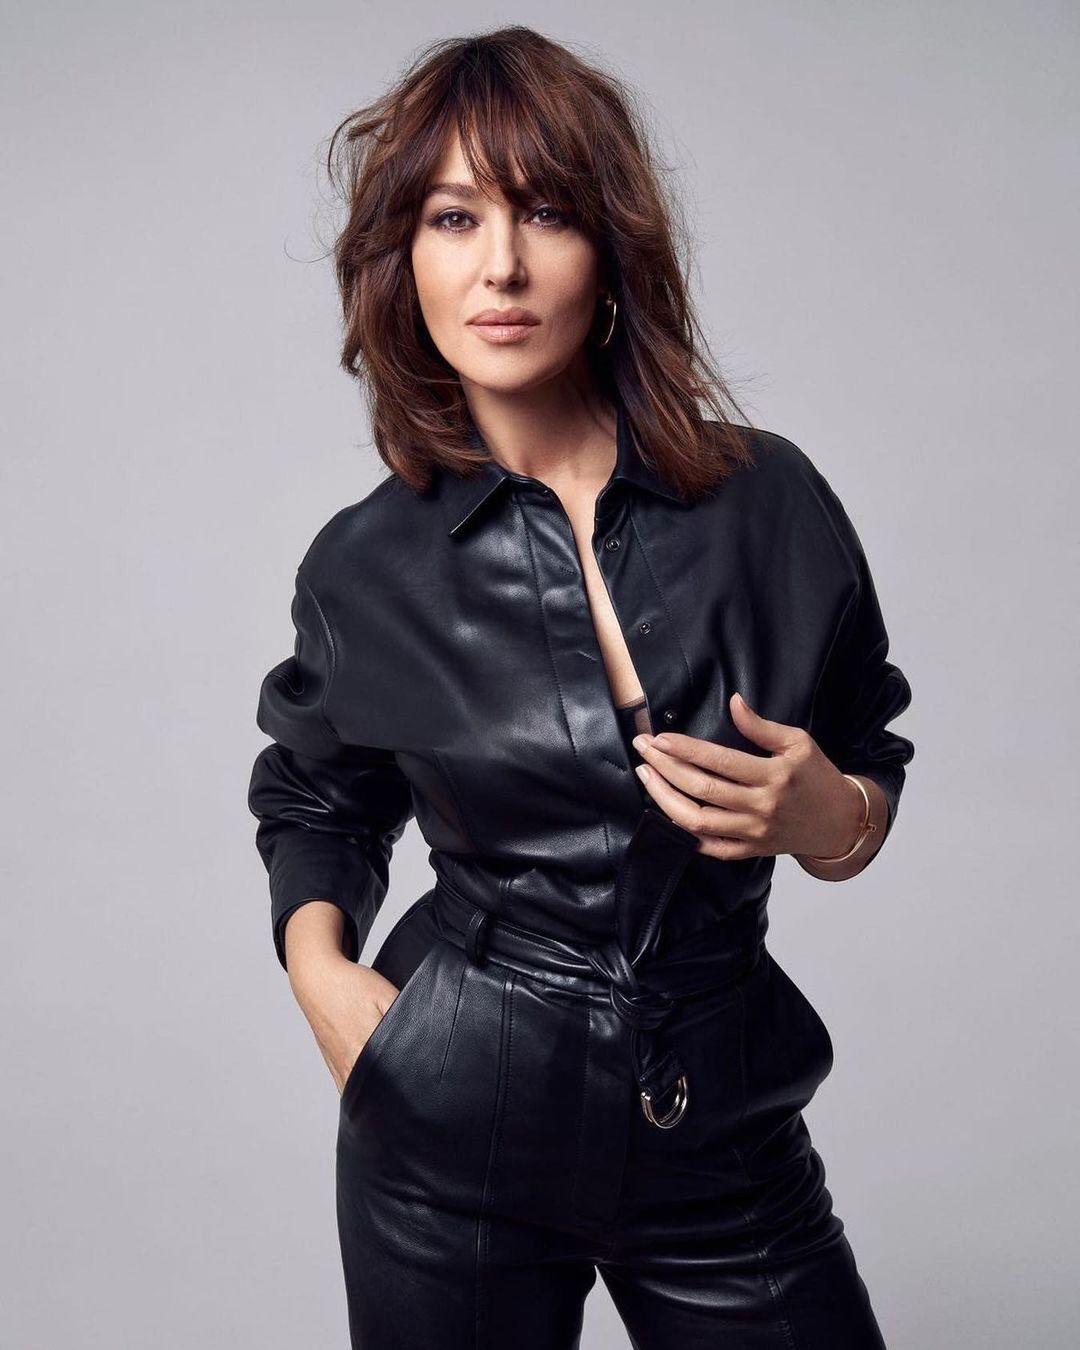 Monica Bellucci, i pantaloni in pelle glam e rock